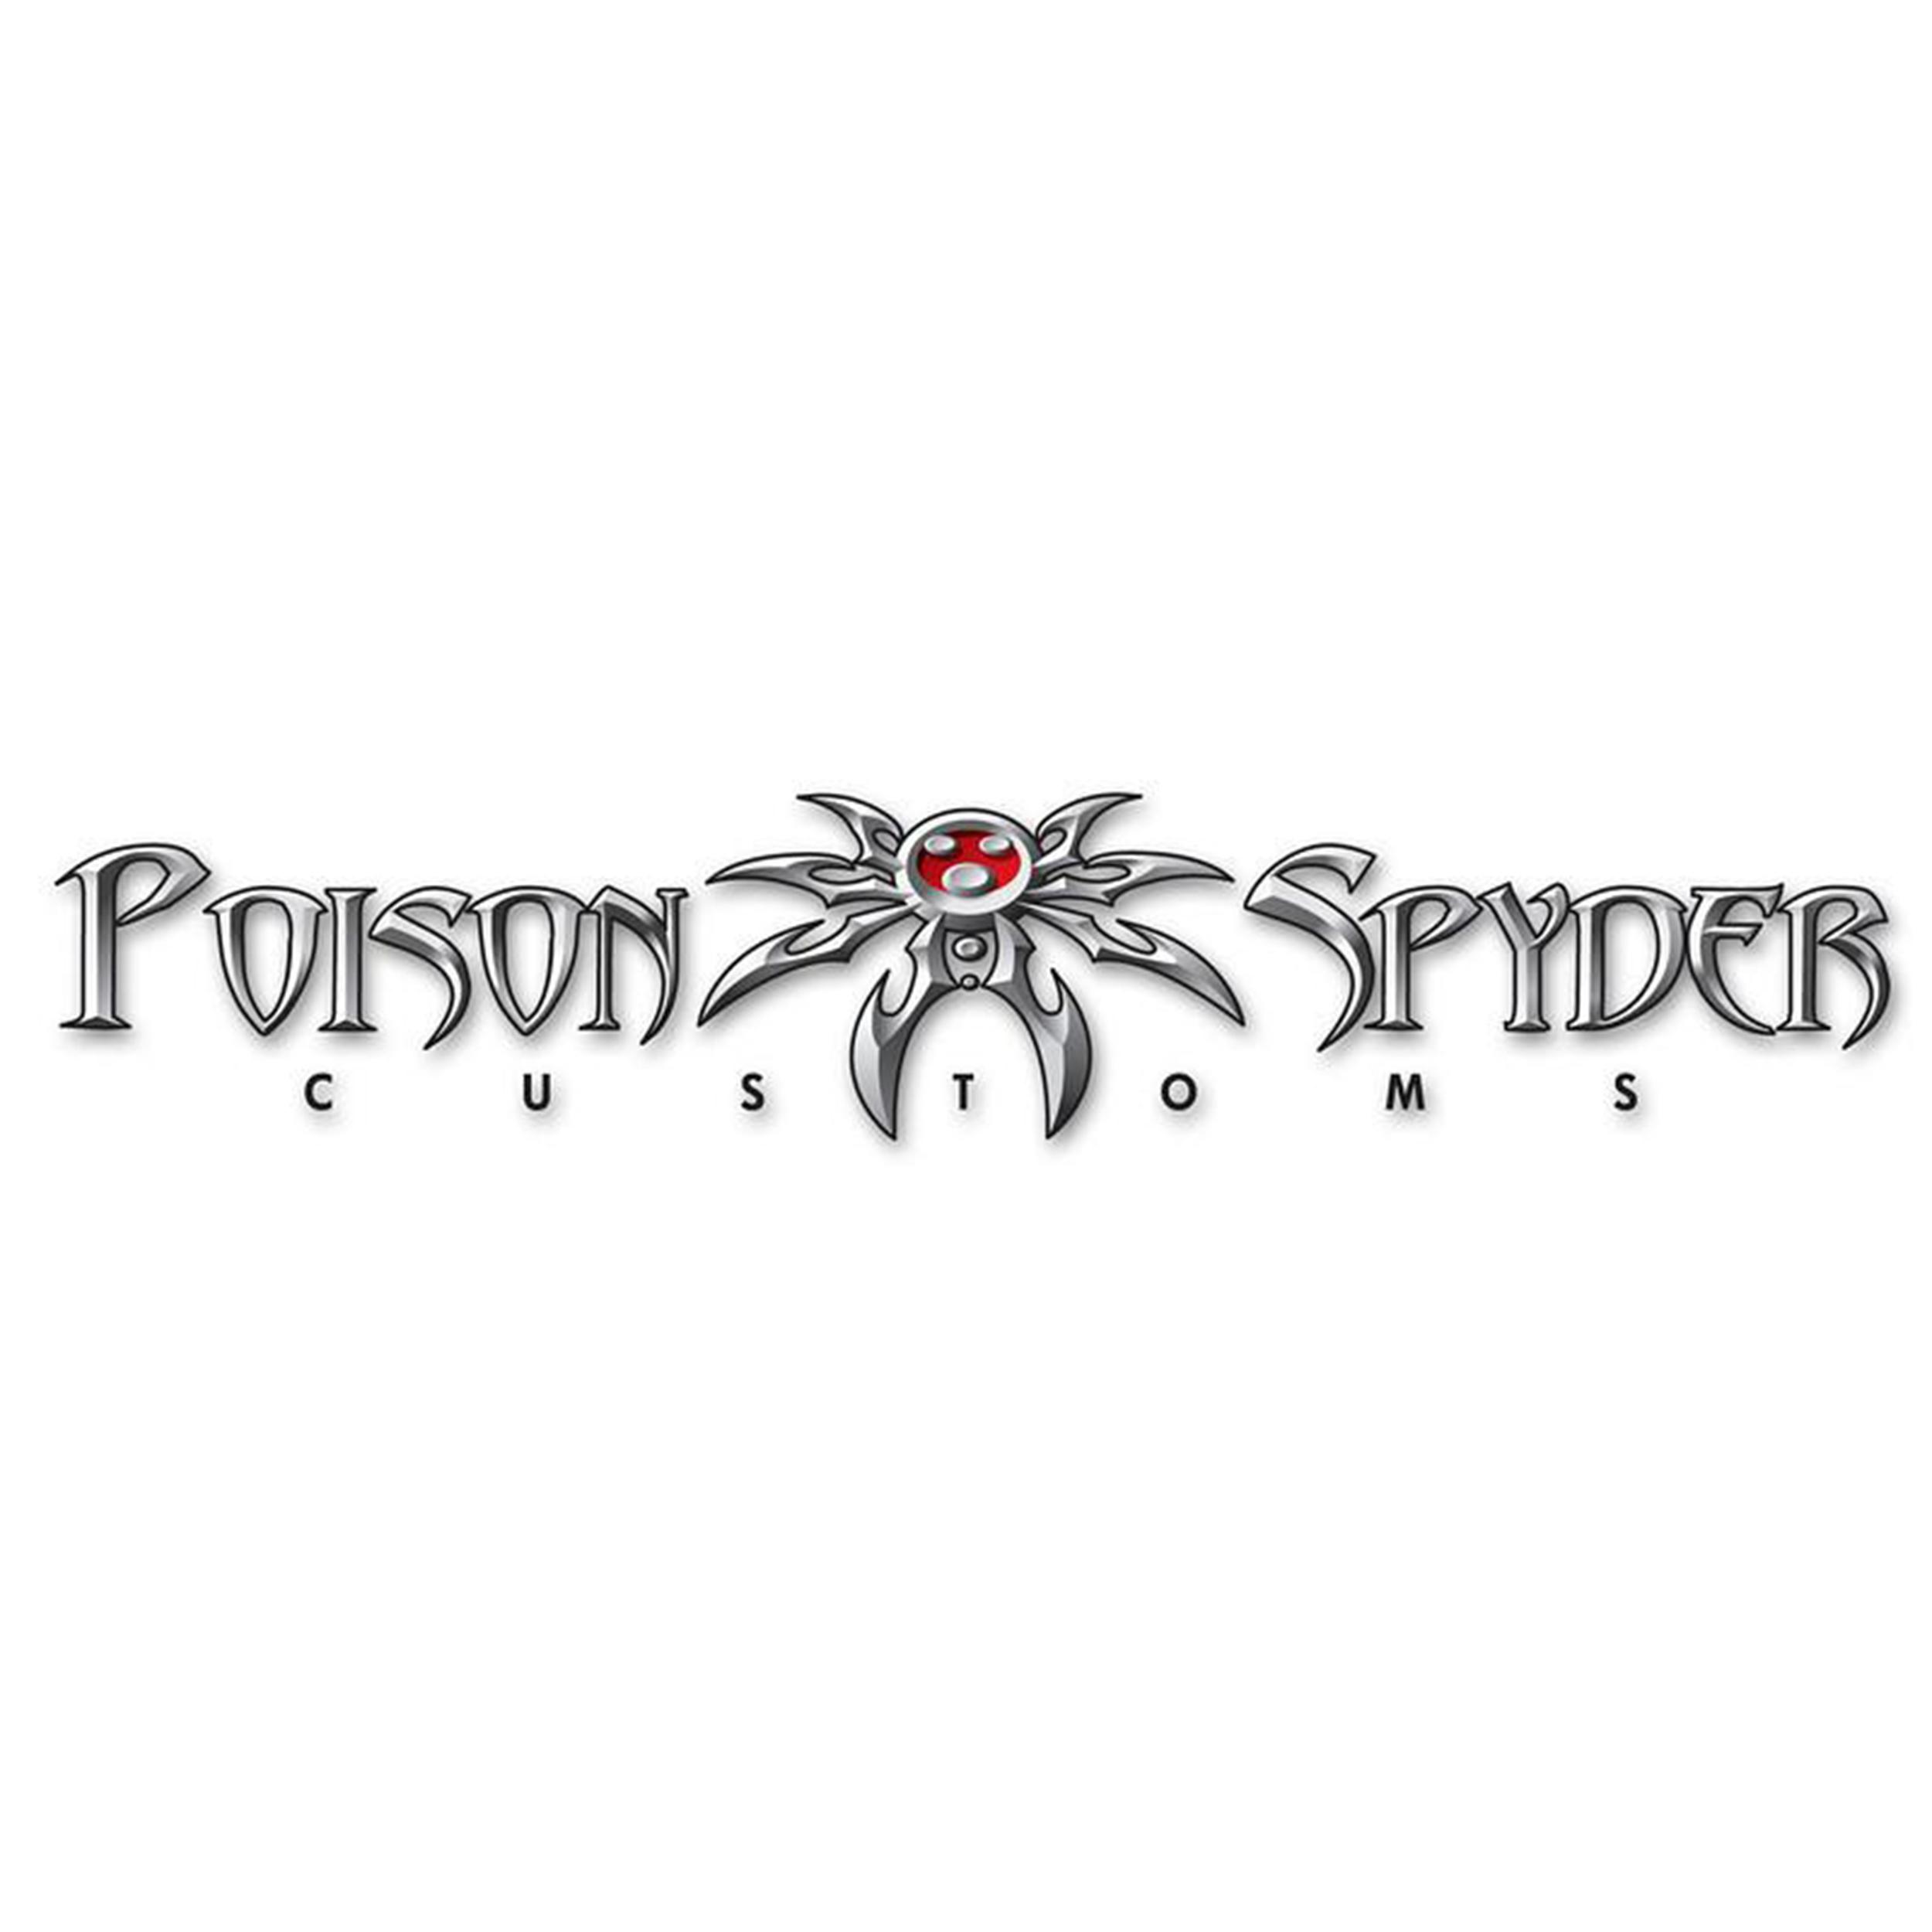 Poison Spyder Logo Square.jpg